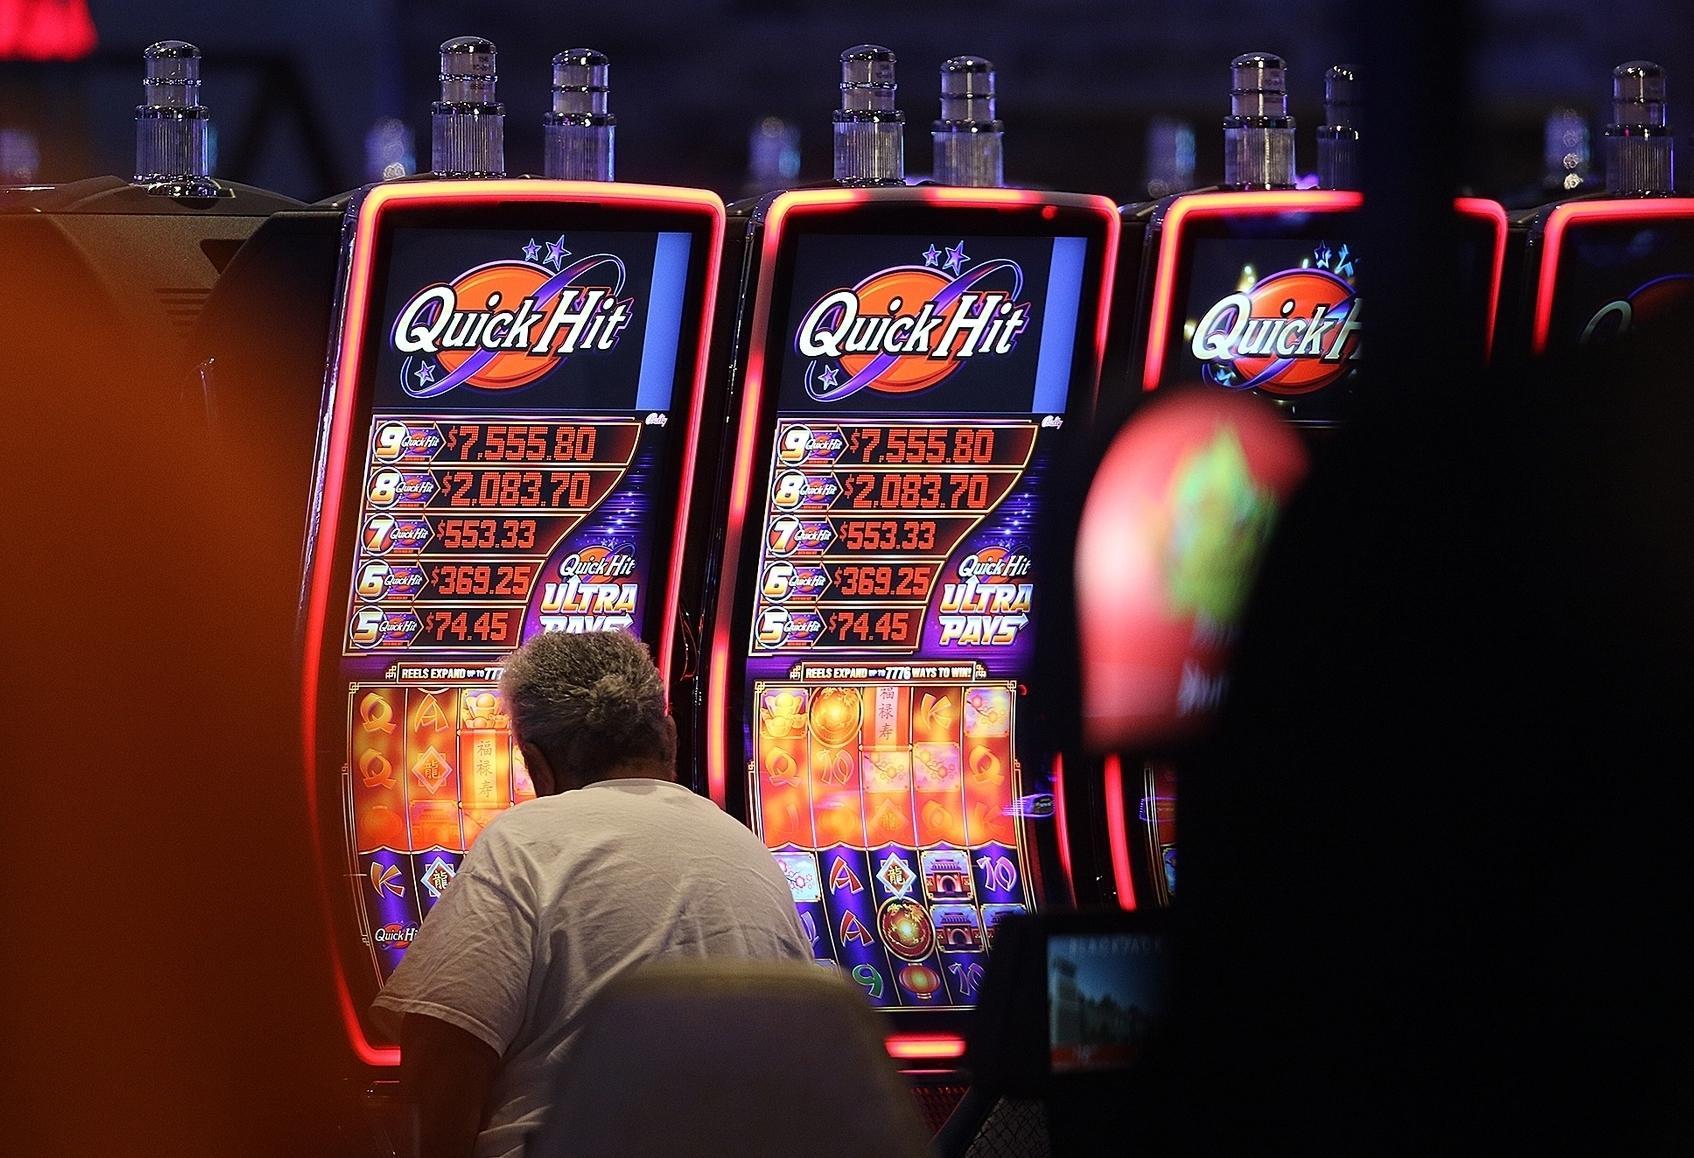 Bagi para pejabat Tiverton, kurangnya pendapatan kasino adalah 'pelajaran' - Berita - Marlborough Enterprise